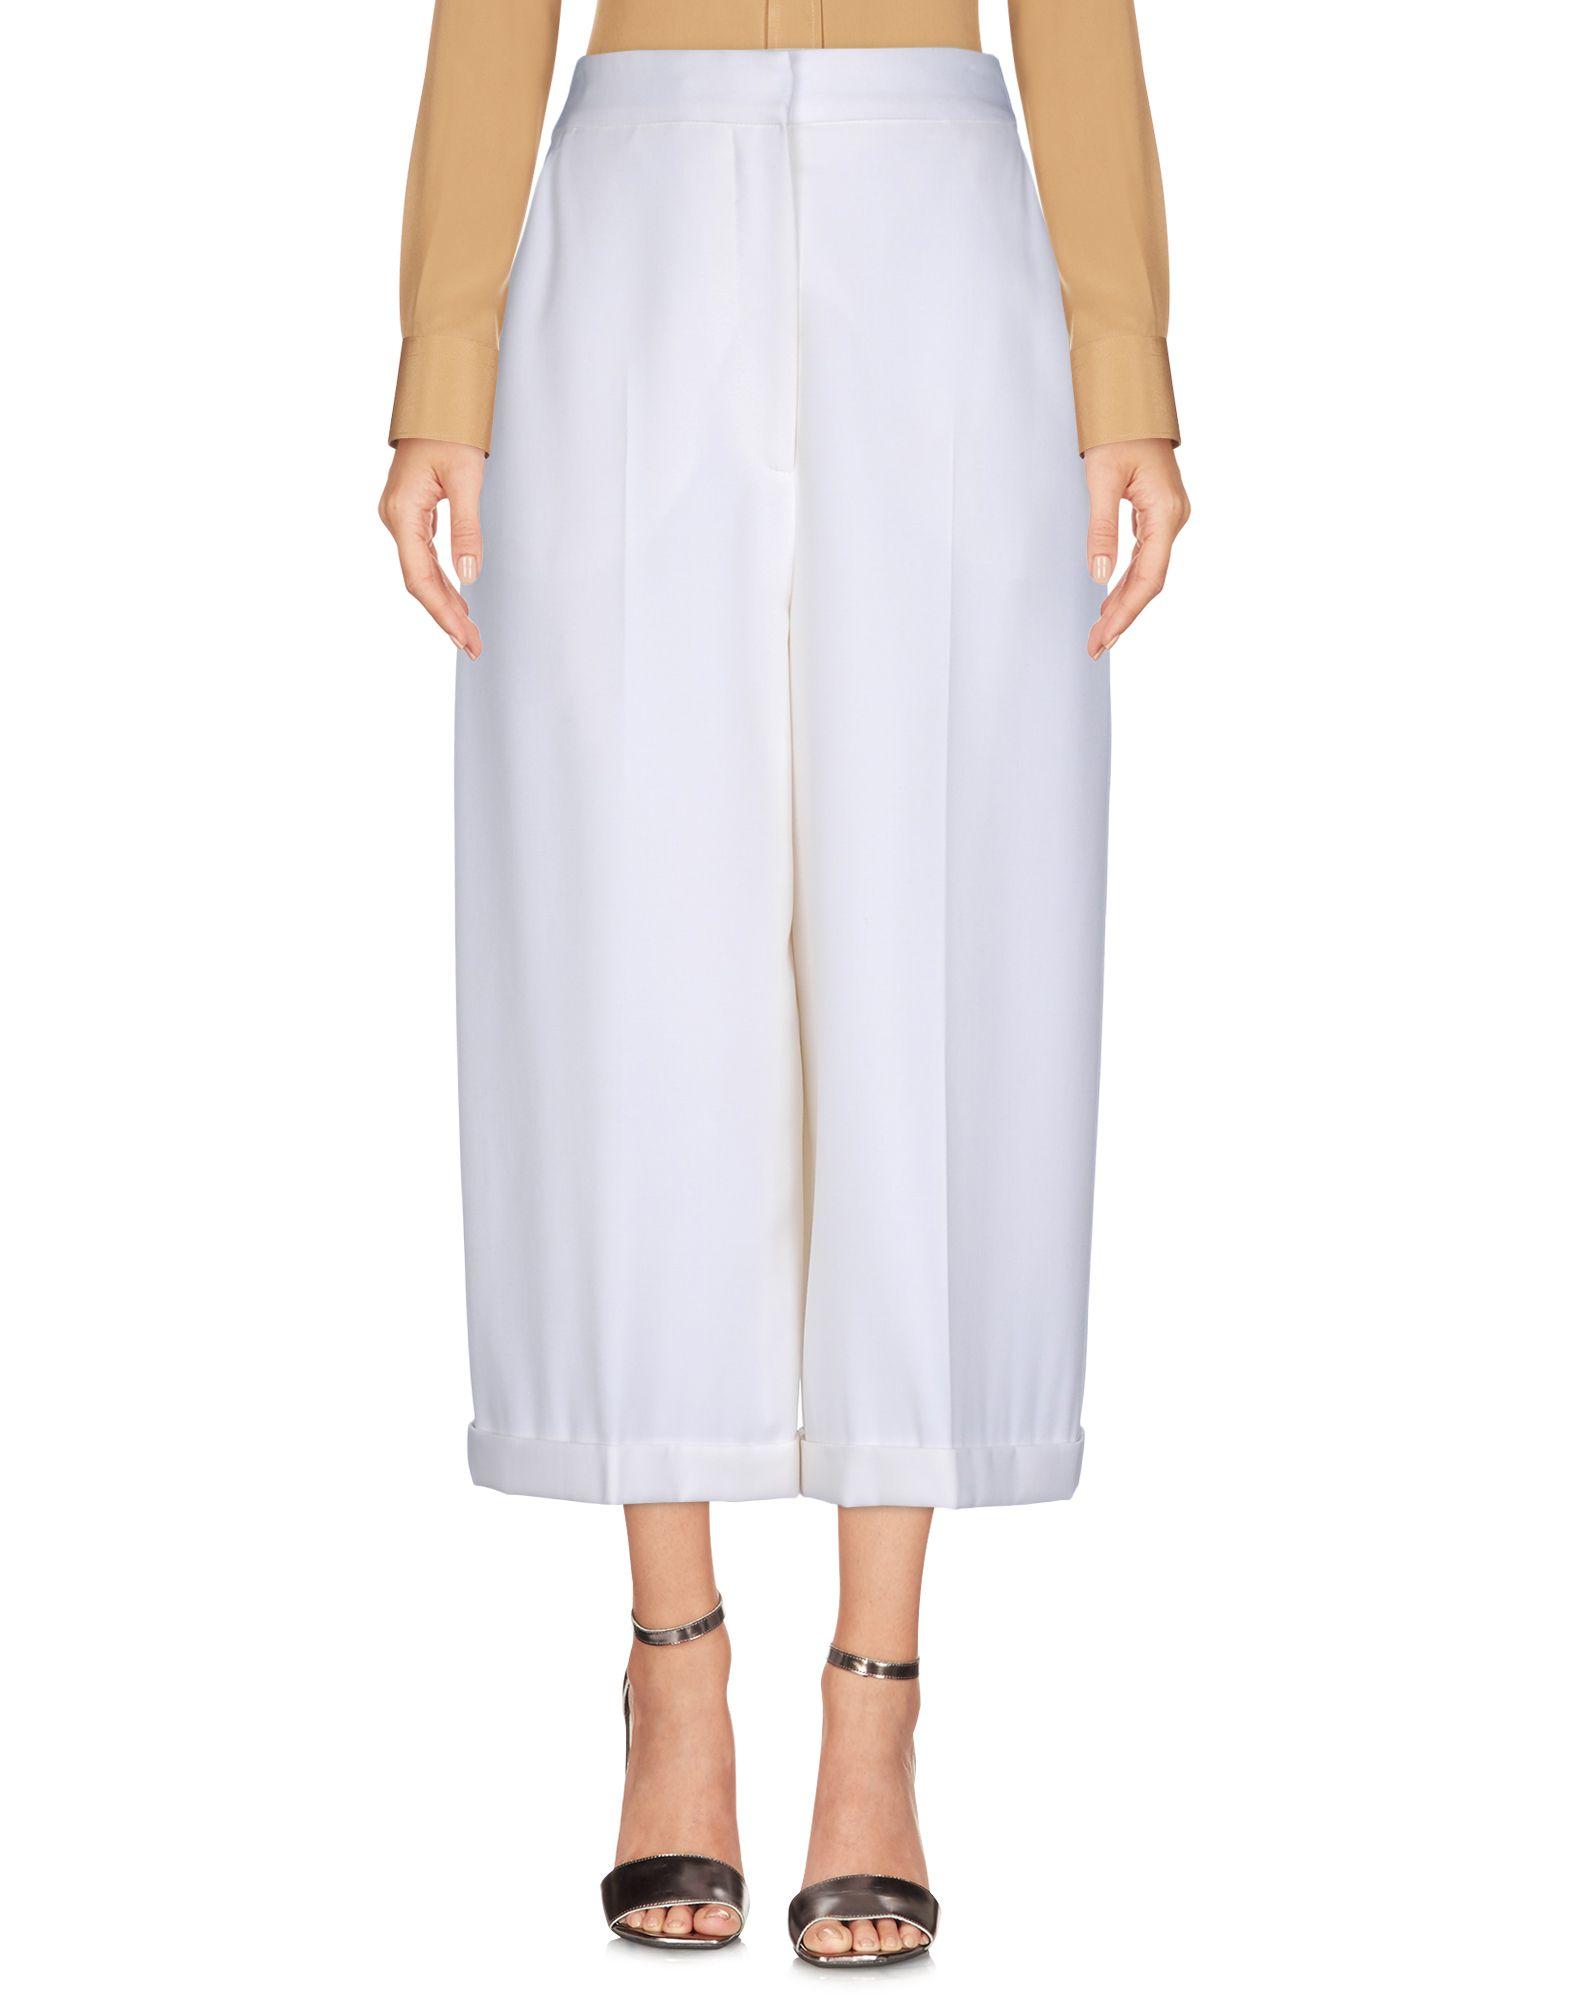 Pantalone Classico Alexander Mcqueen Donna - Acquista online su gyGQE4q8Lg